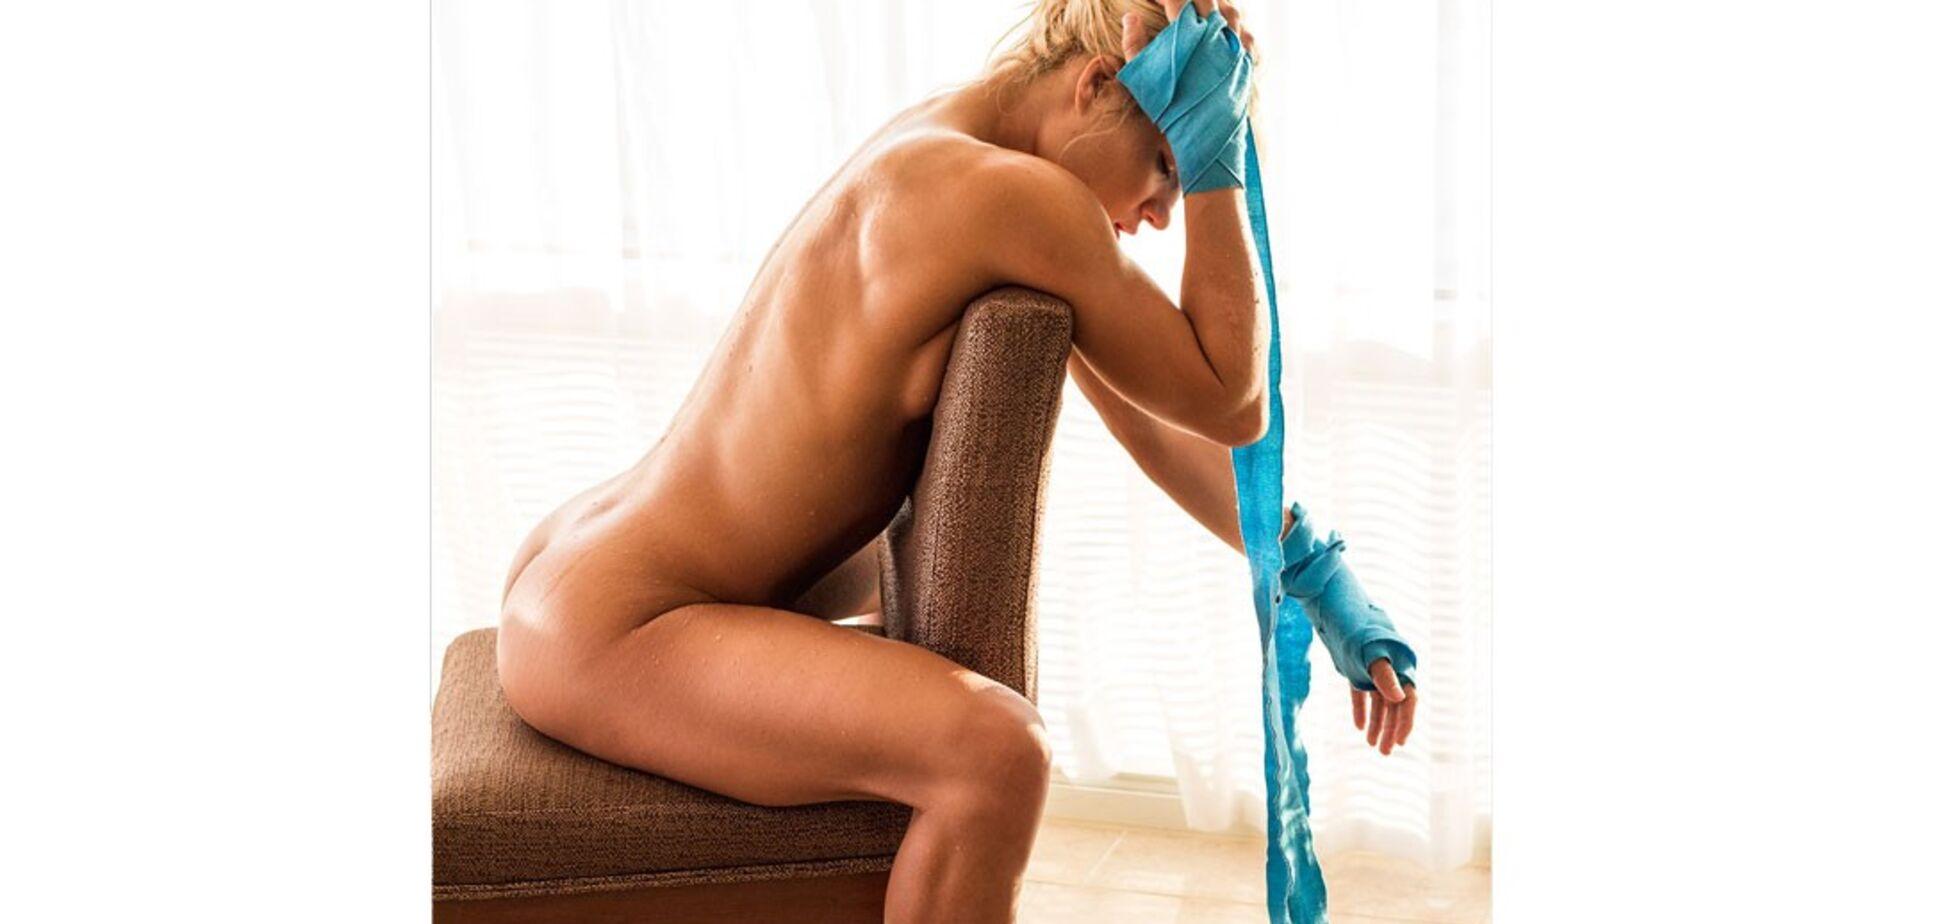 Титулована американська спортсменка знялася повністю оголеною